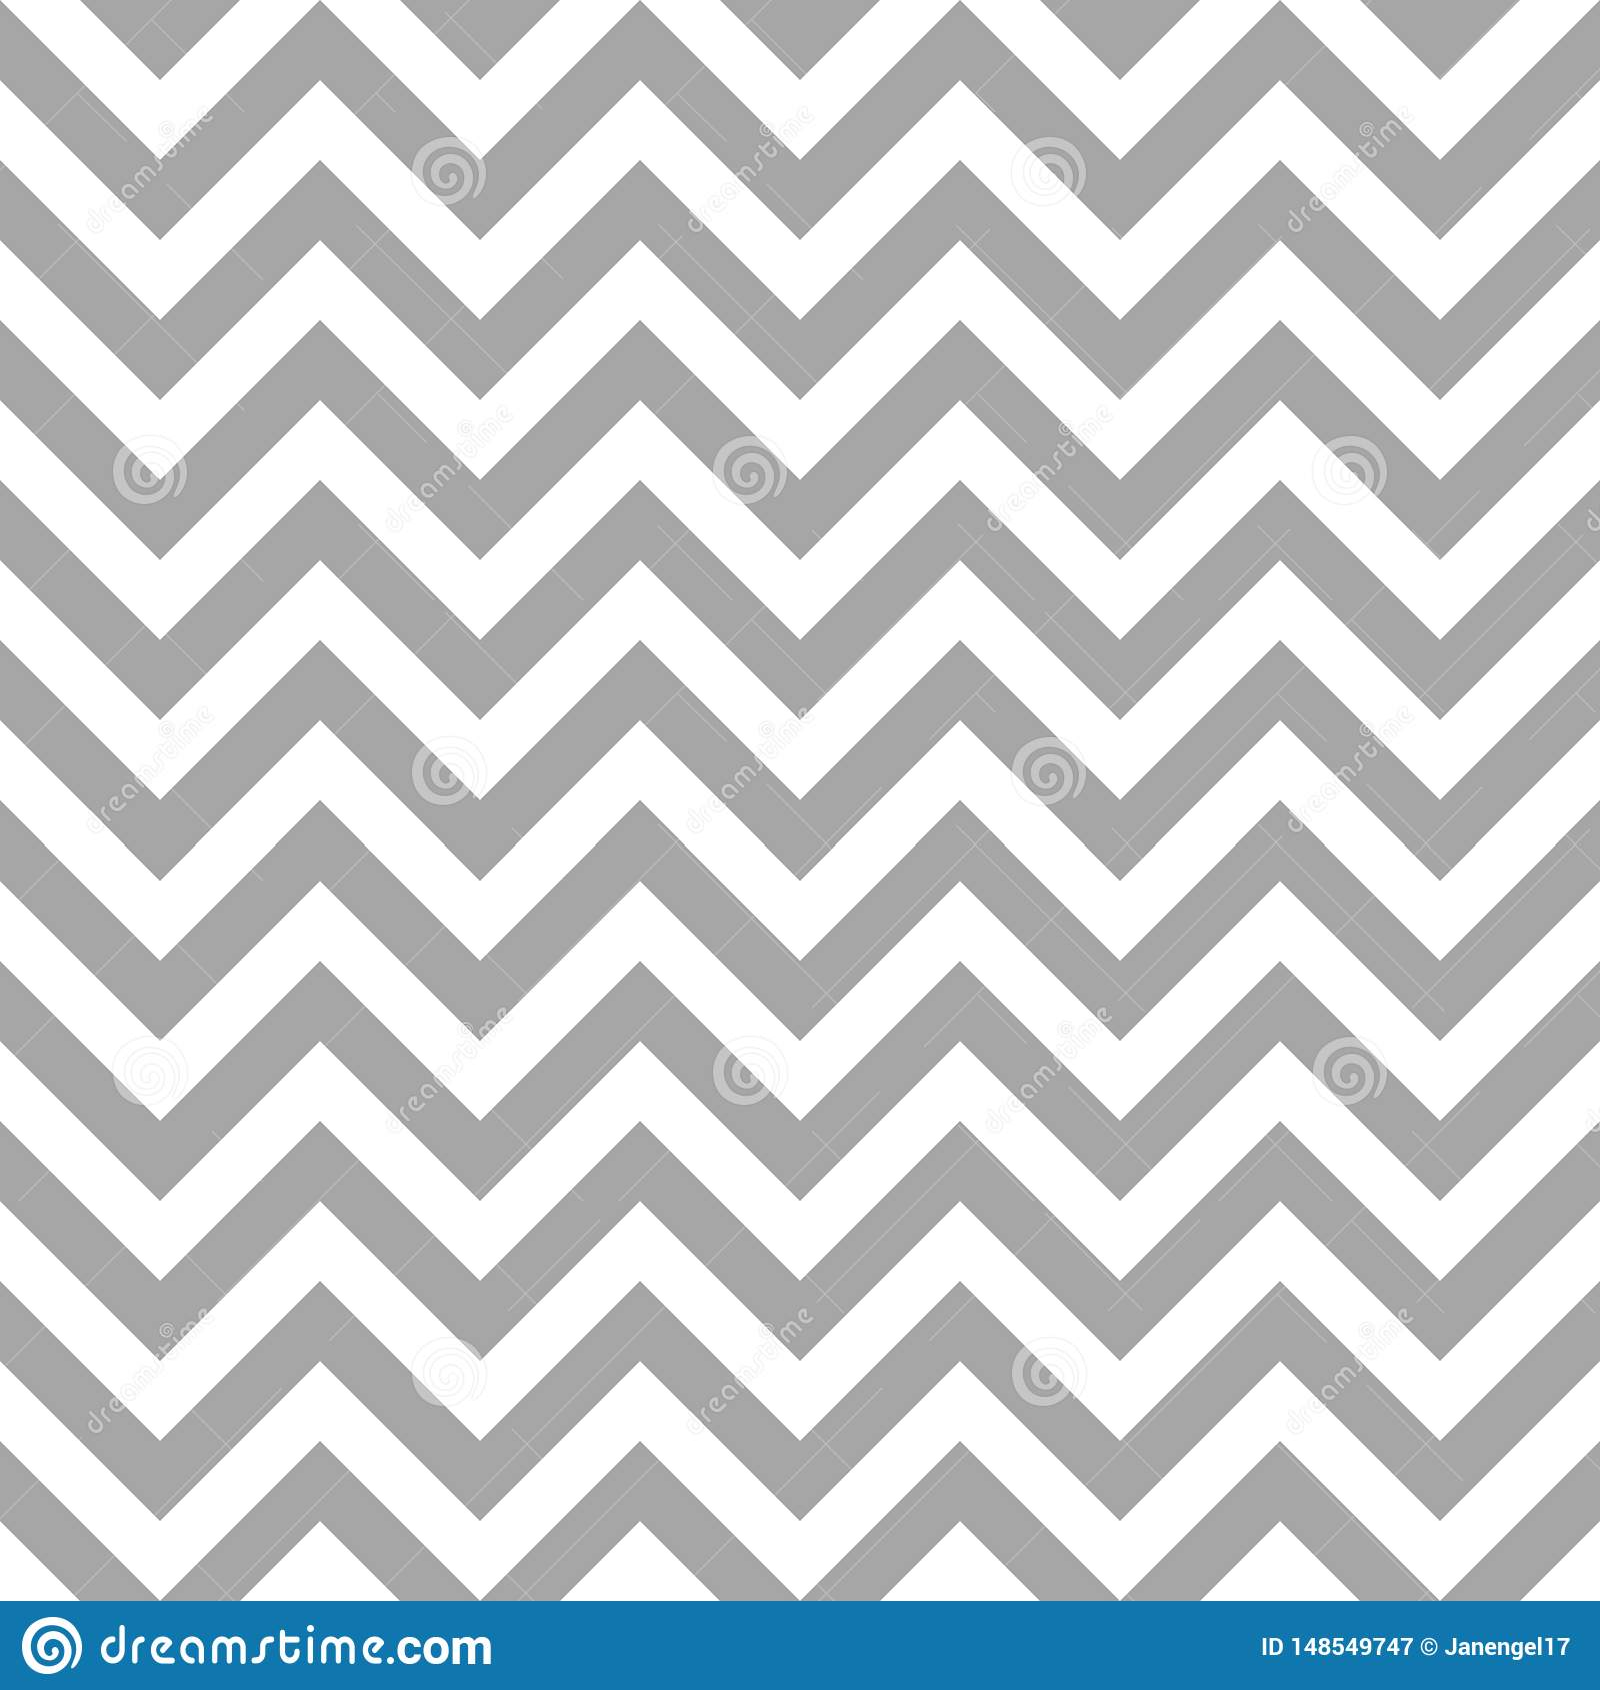 Αναδρομικές άνευ ραφής γκρίζες και άσπρες γραμμές σιριτιών σχεδίων